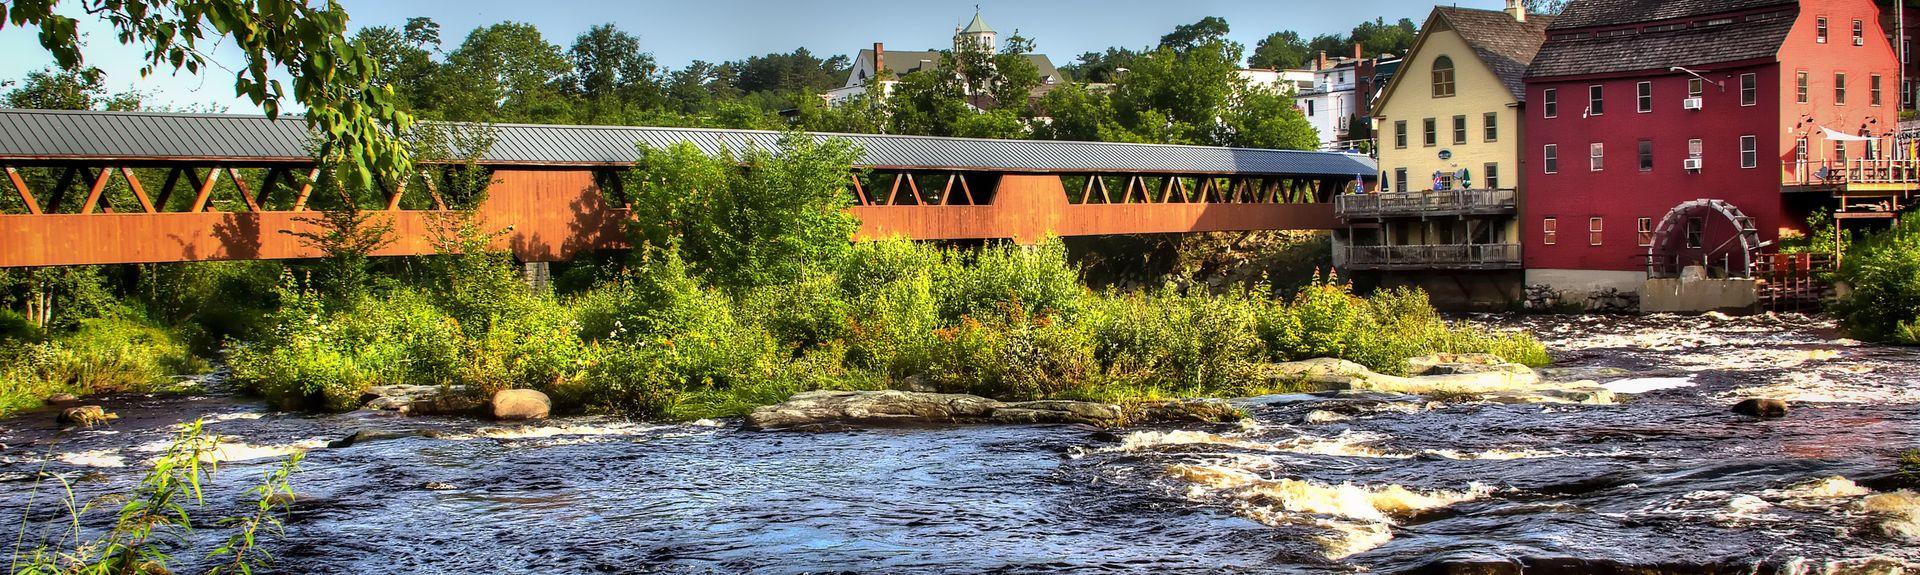 Littleton, New Hampshire, United States